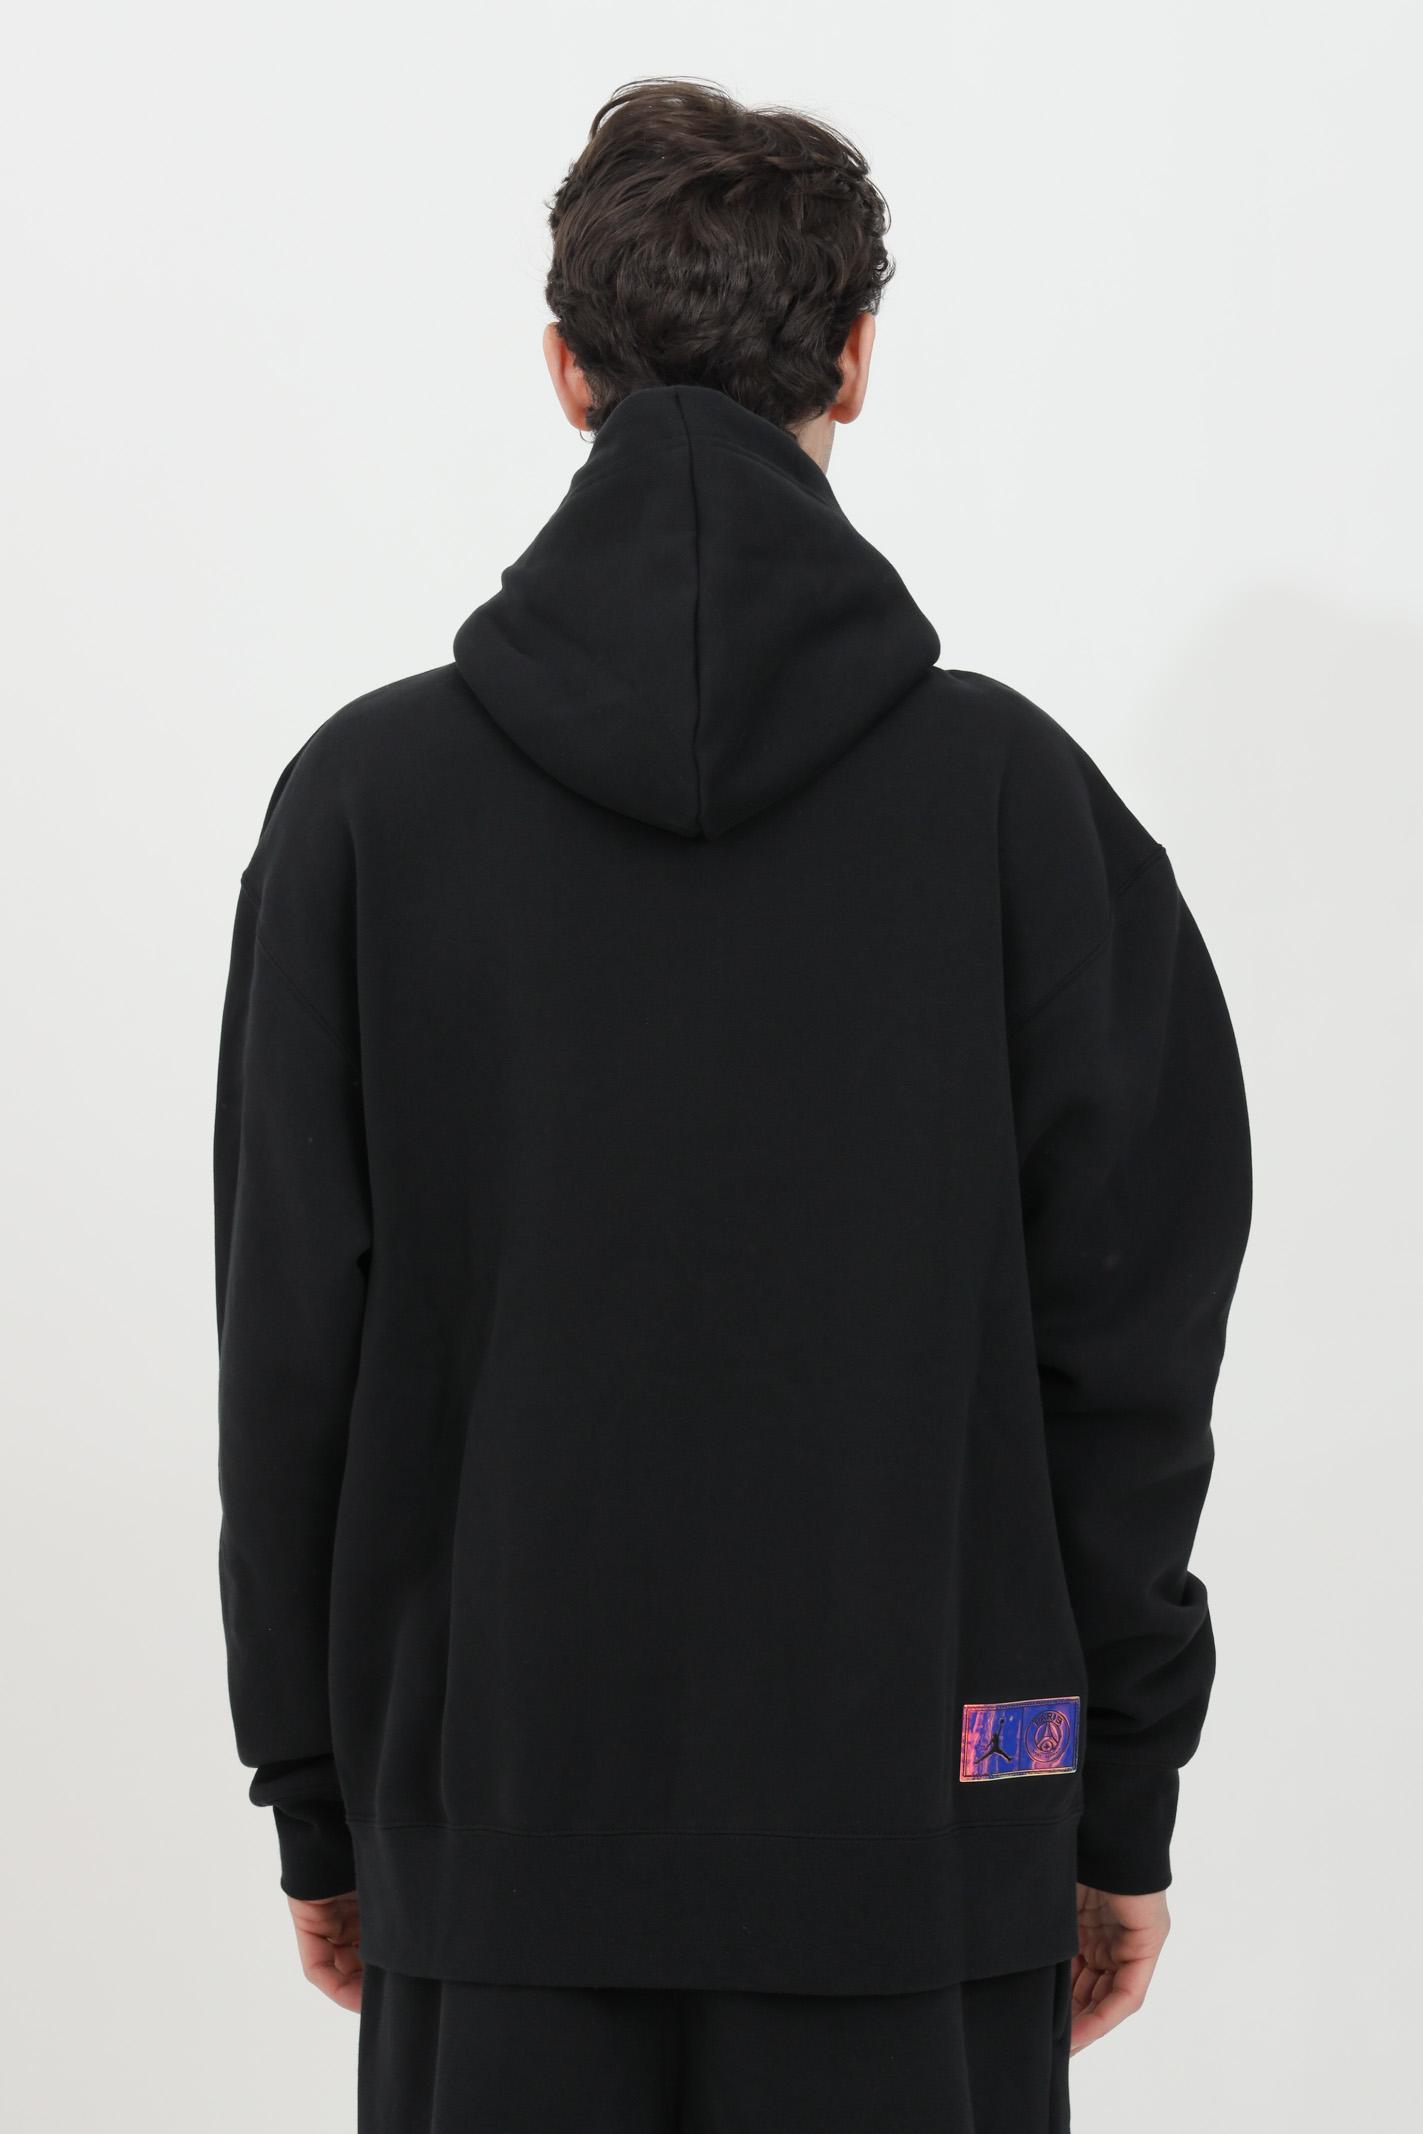 Fleece sweatshirt with zip and hood NIKE | Sweatshirt | CK9641010